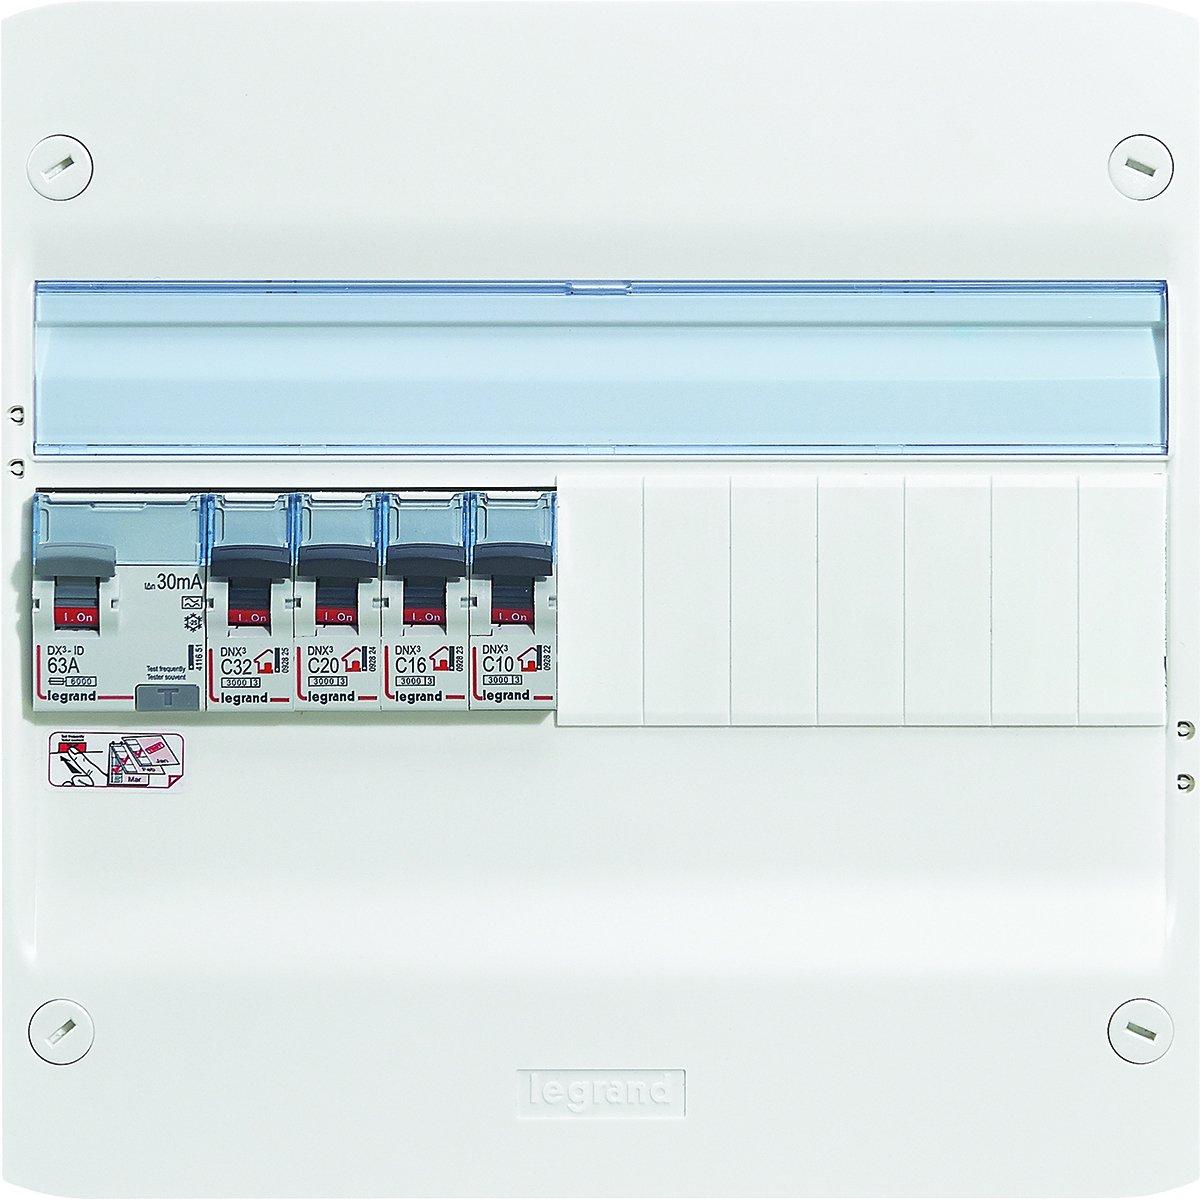 Legrand LEG93059 Tableau /électrique /équip/é essentiel sp/écial pour logement T6